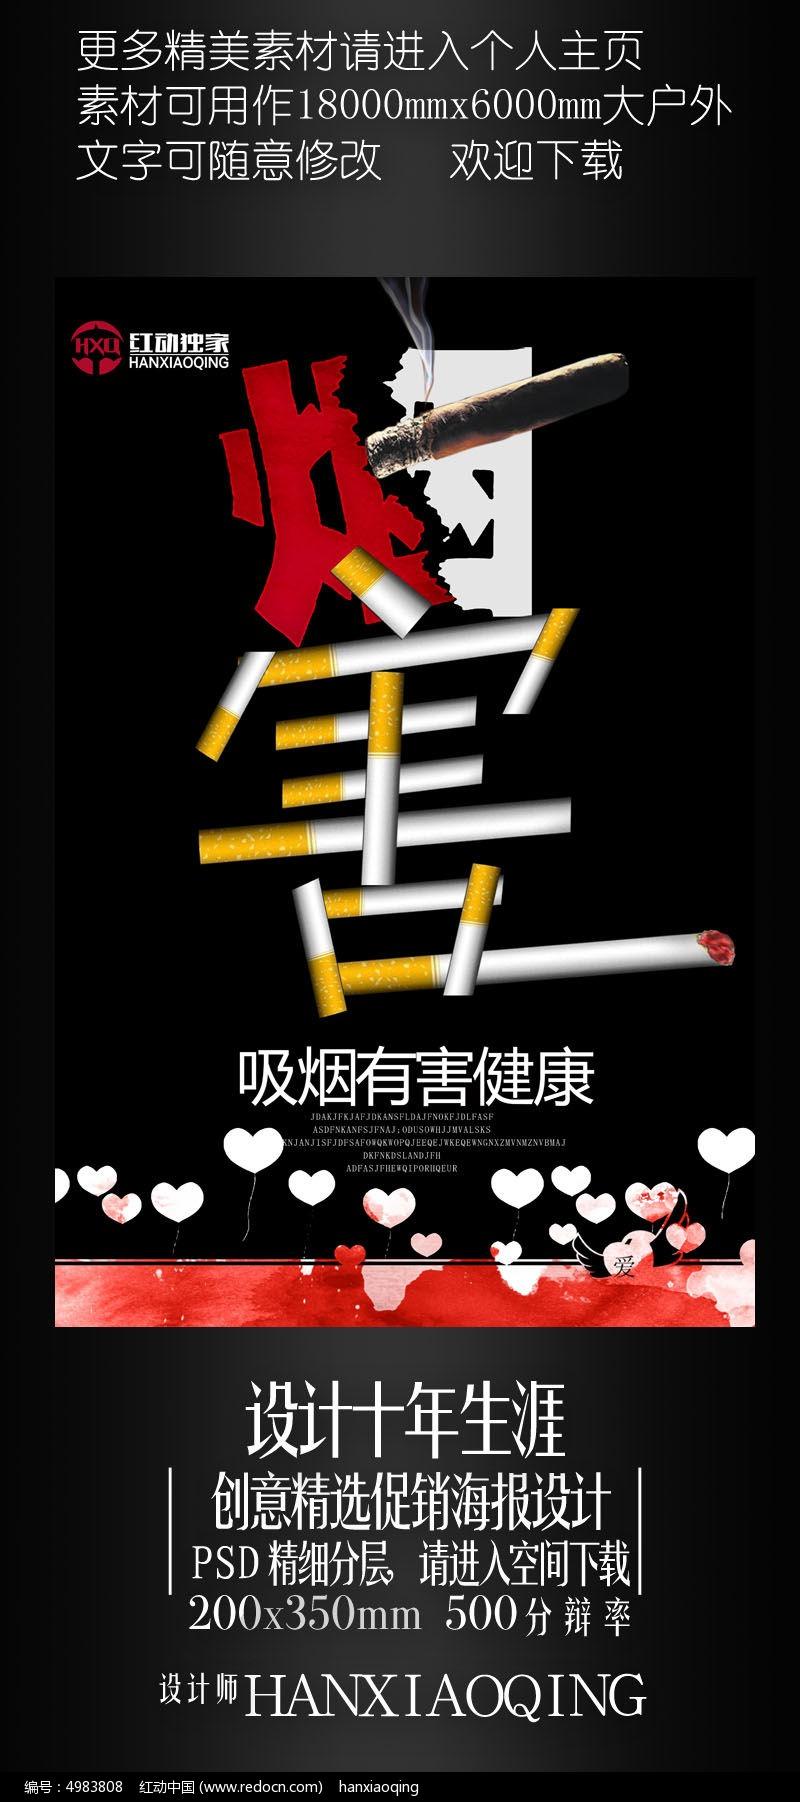 吸煙有害健康創意公益海報設計